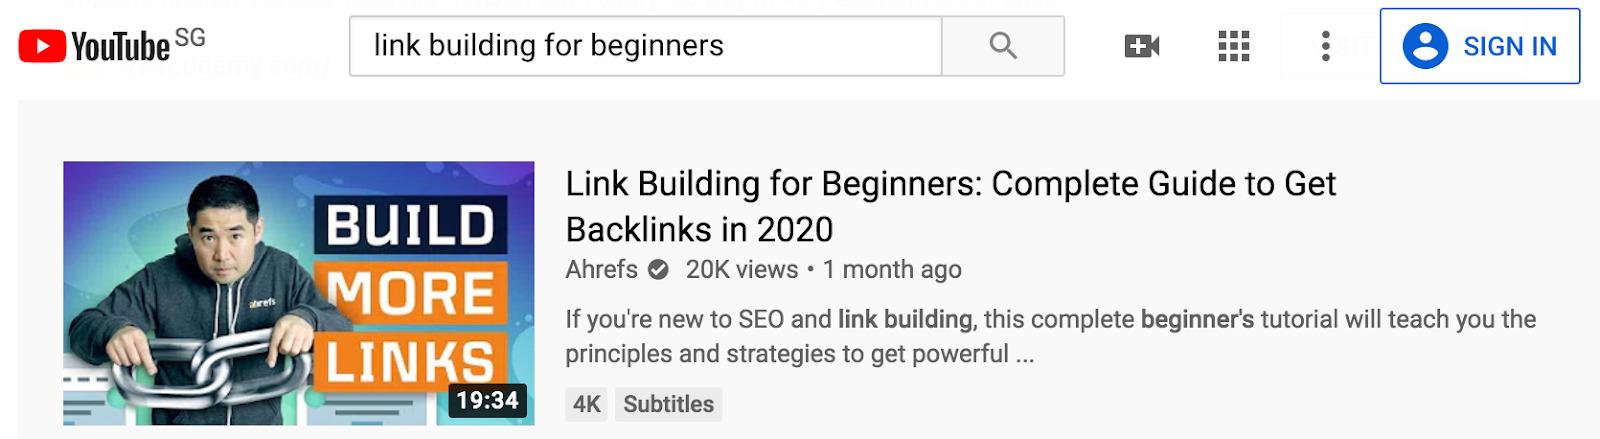 création de lien youtube ahrefs 1